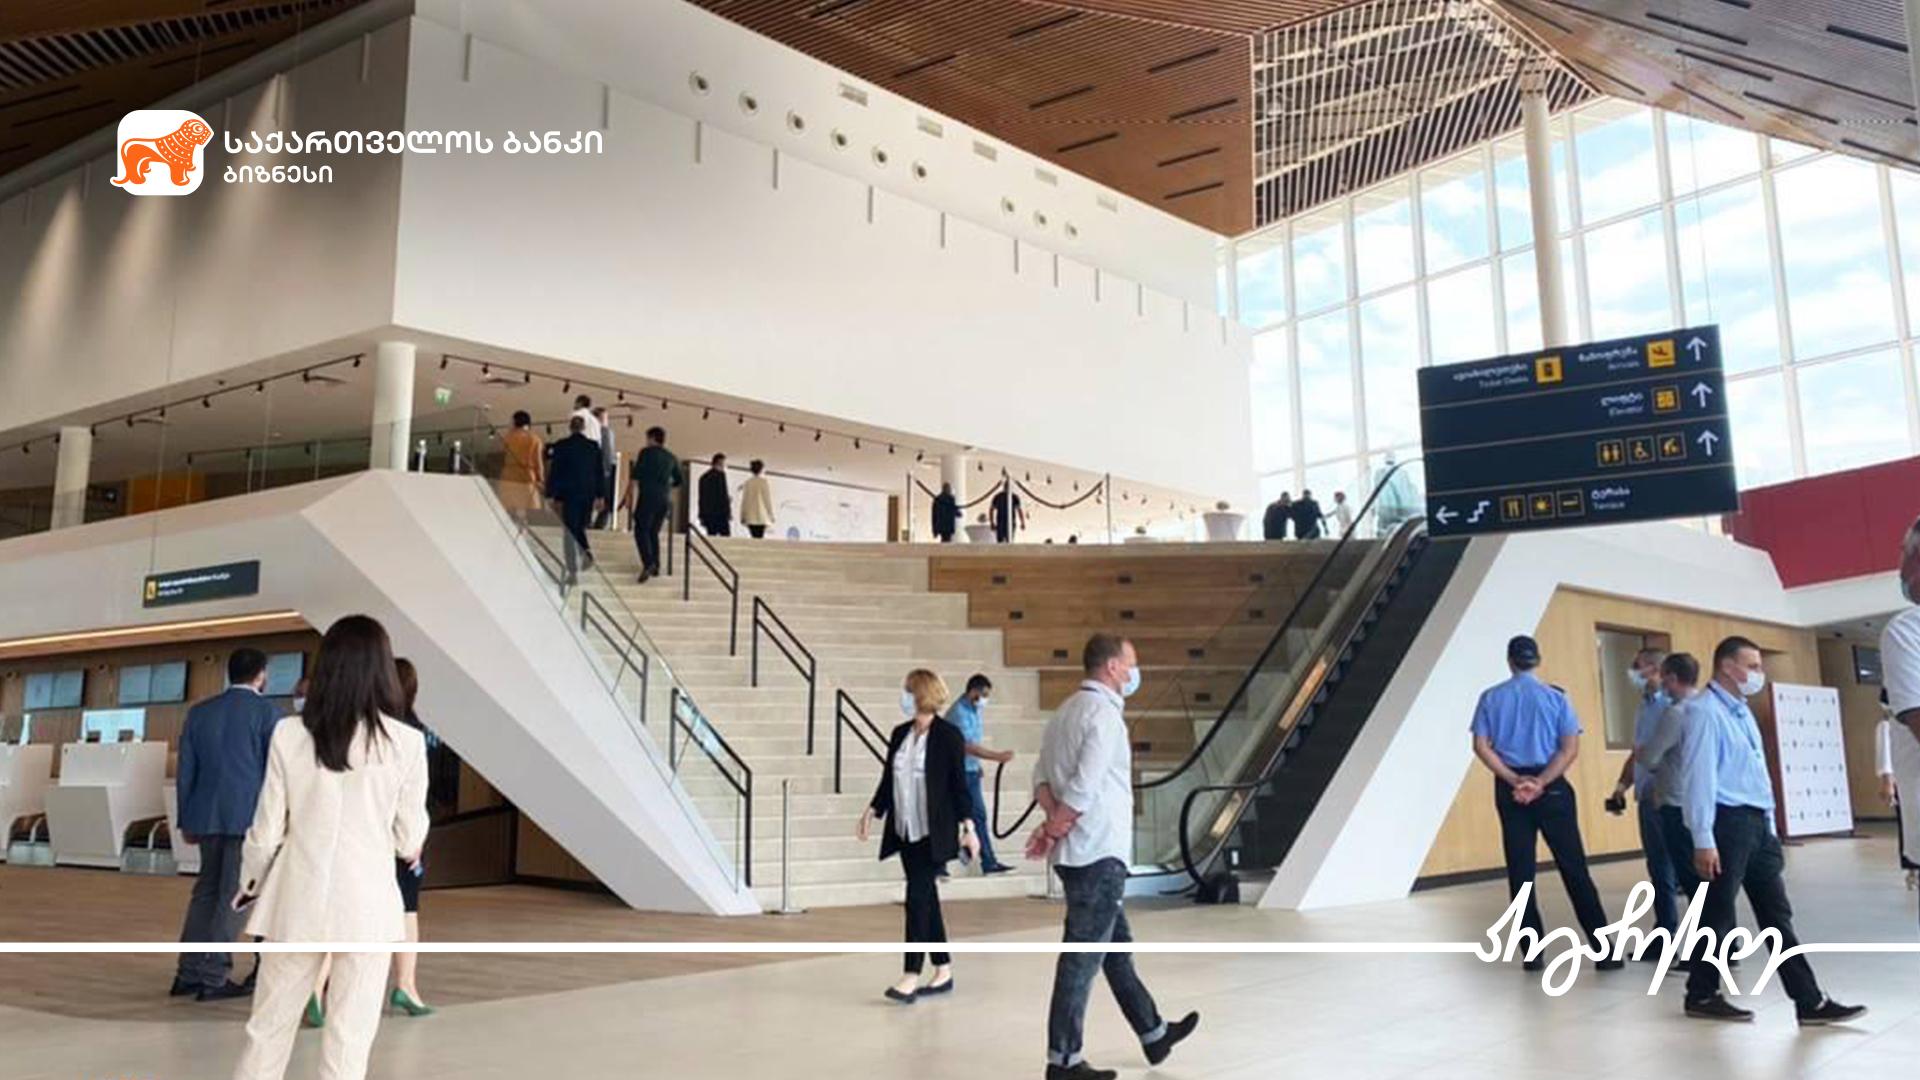 """საქართველოს ბანკისა და """"თბილი სახლის"""" პარტნიორობით ქუთაისის აეროპორტში  ახალი ტერმინალი მოეწყო"""